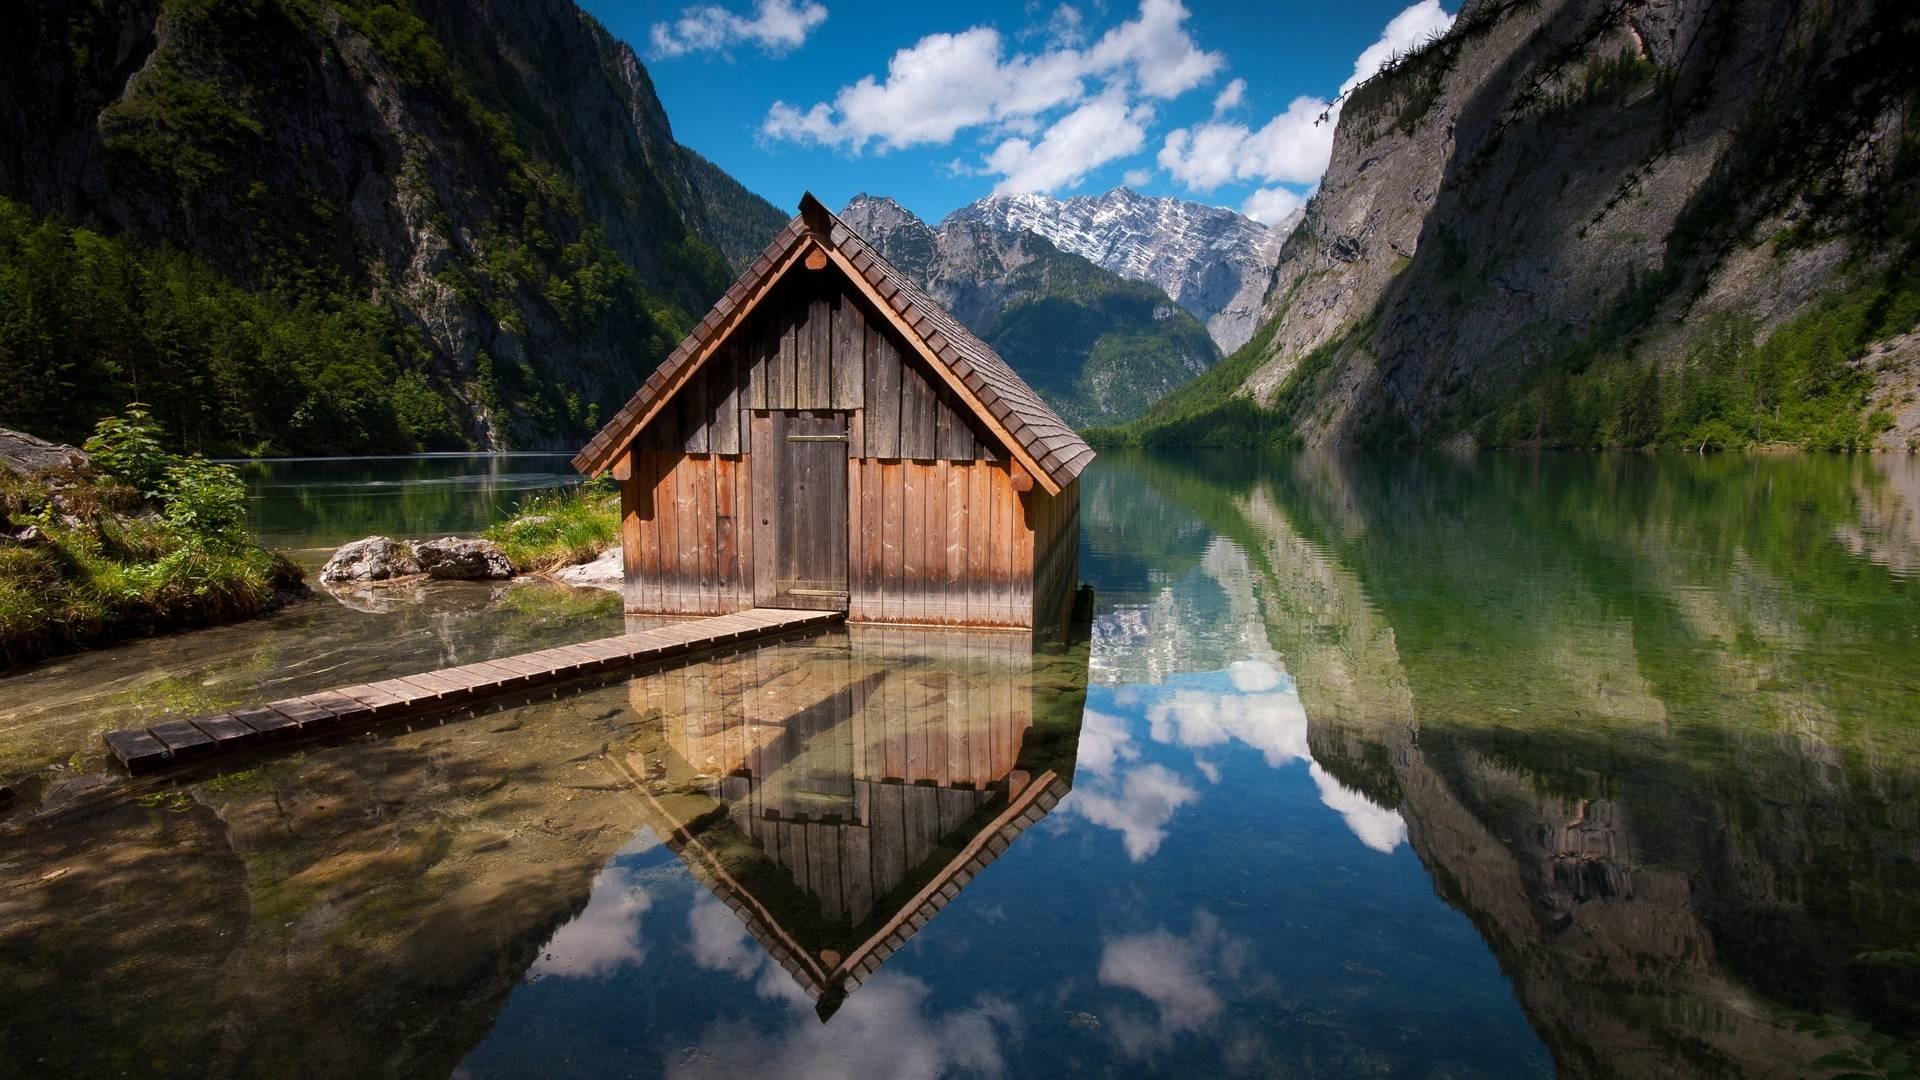 Landscape Hd Wallpapers 1080p: Landscape Wallpaper 1080p ·① WallpaperTag